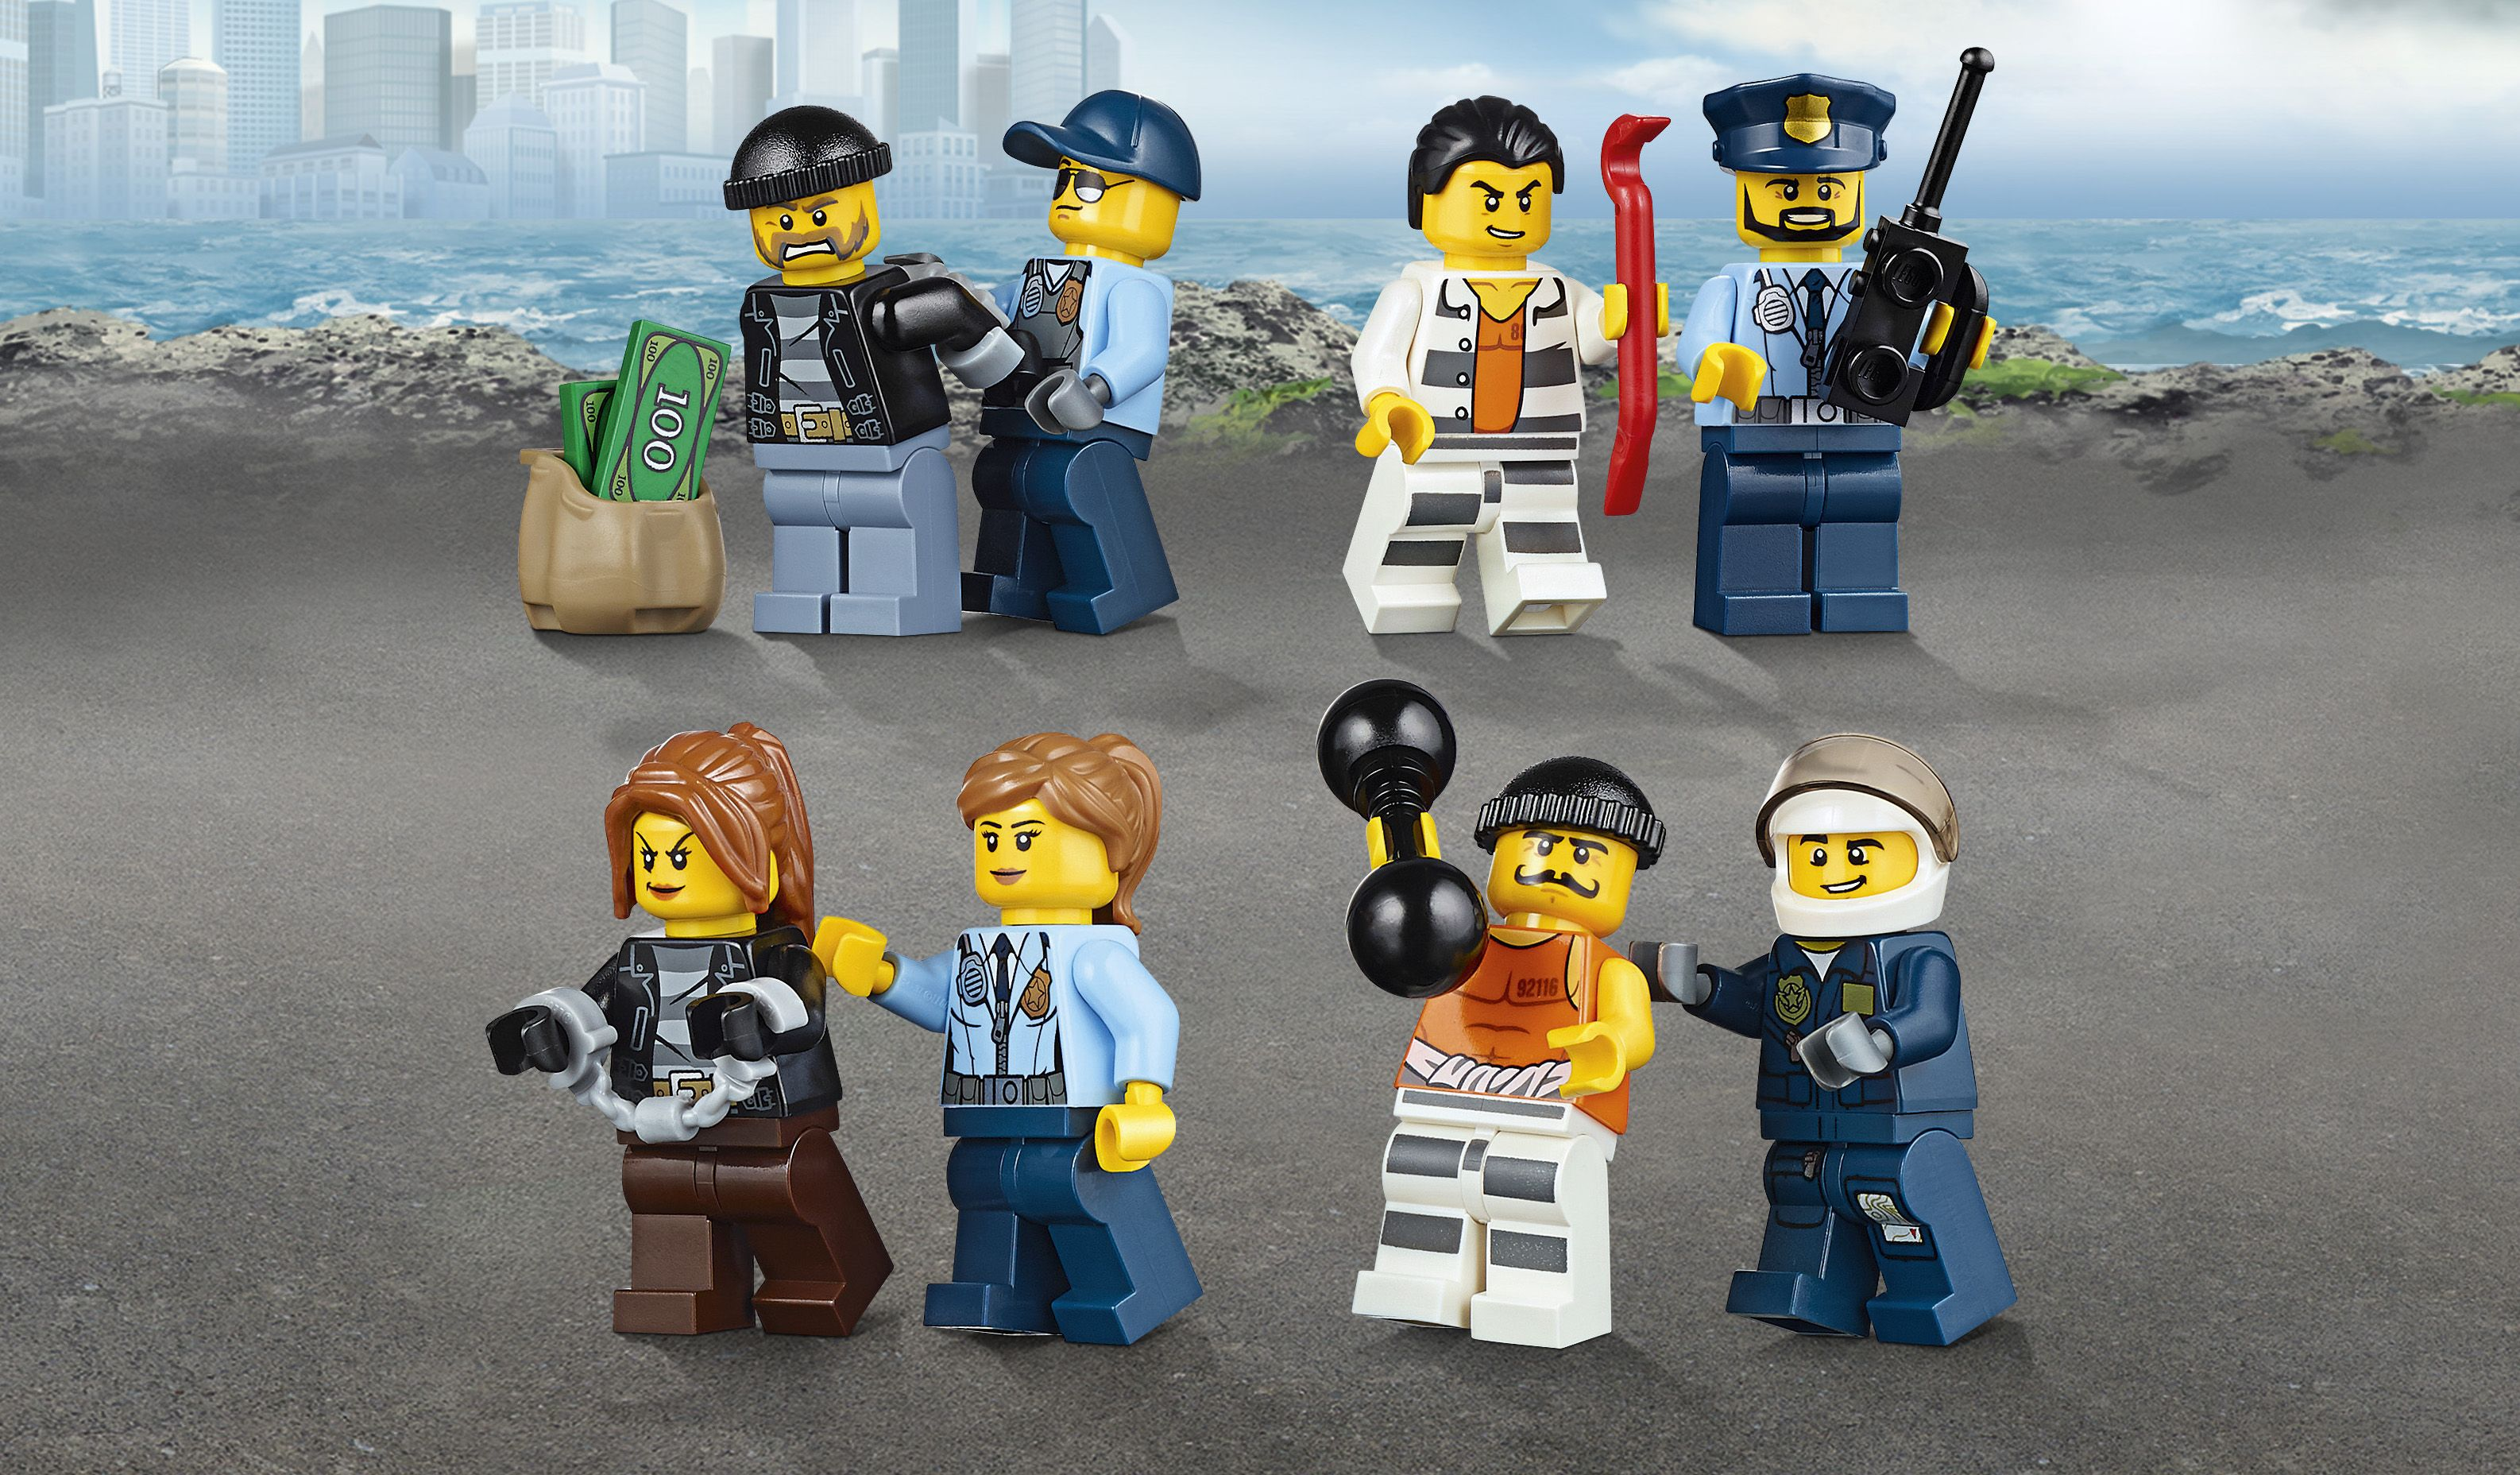 Assemblage Vente Lego® 60130 En Mer Prison Haute Achat La City 6bgy7f